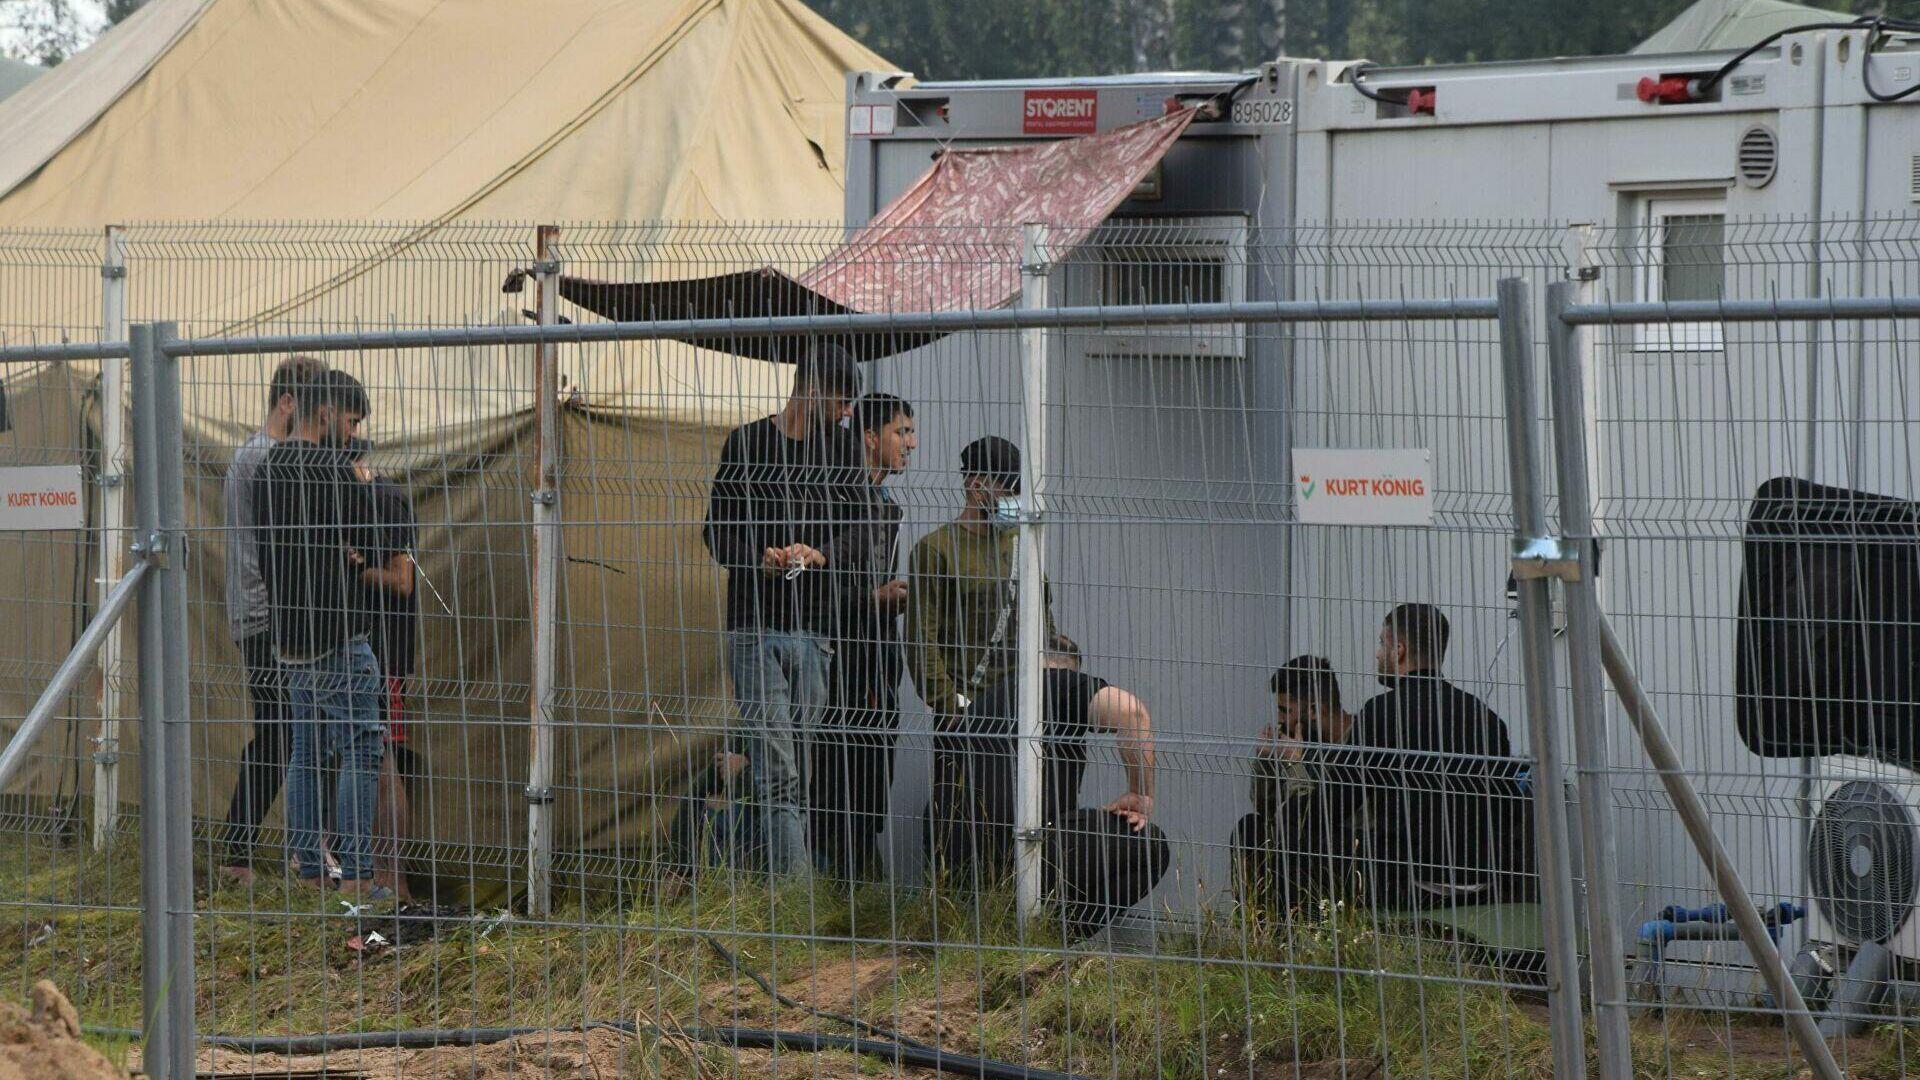 Нелегальные мигранты в лагере на границе Литвы и Белоруссии - РИА Новости, 1920, 06.09.2021